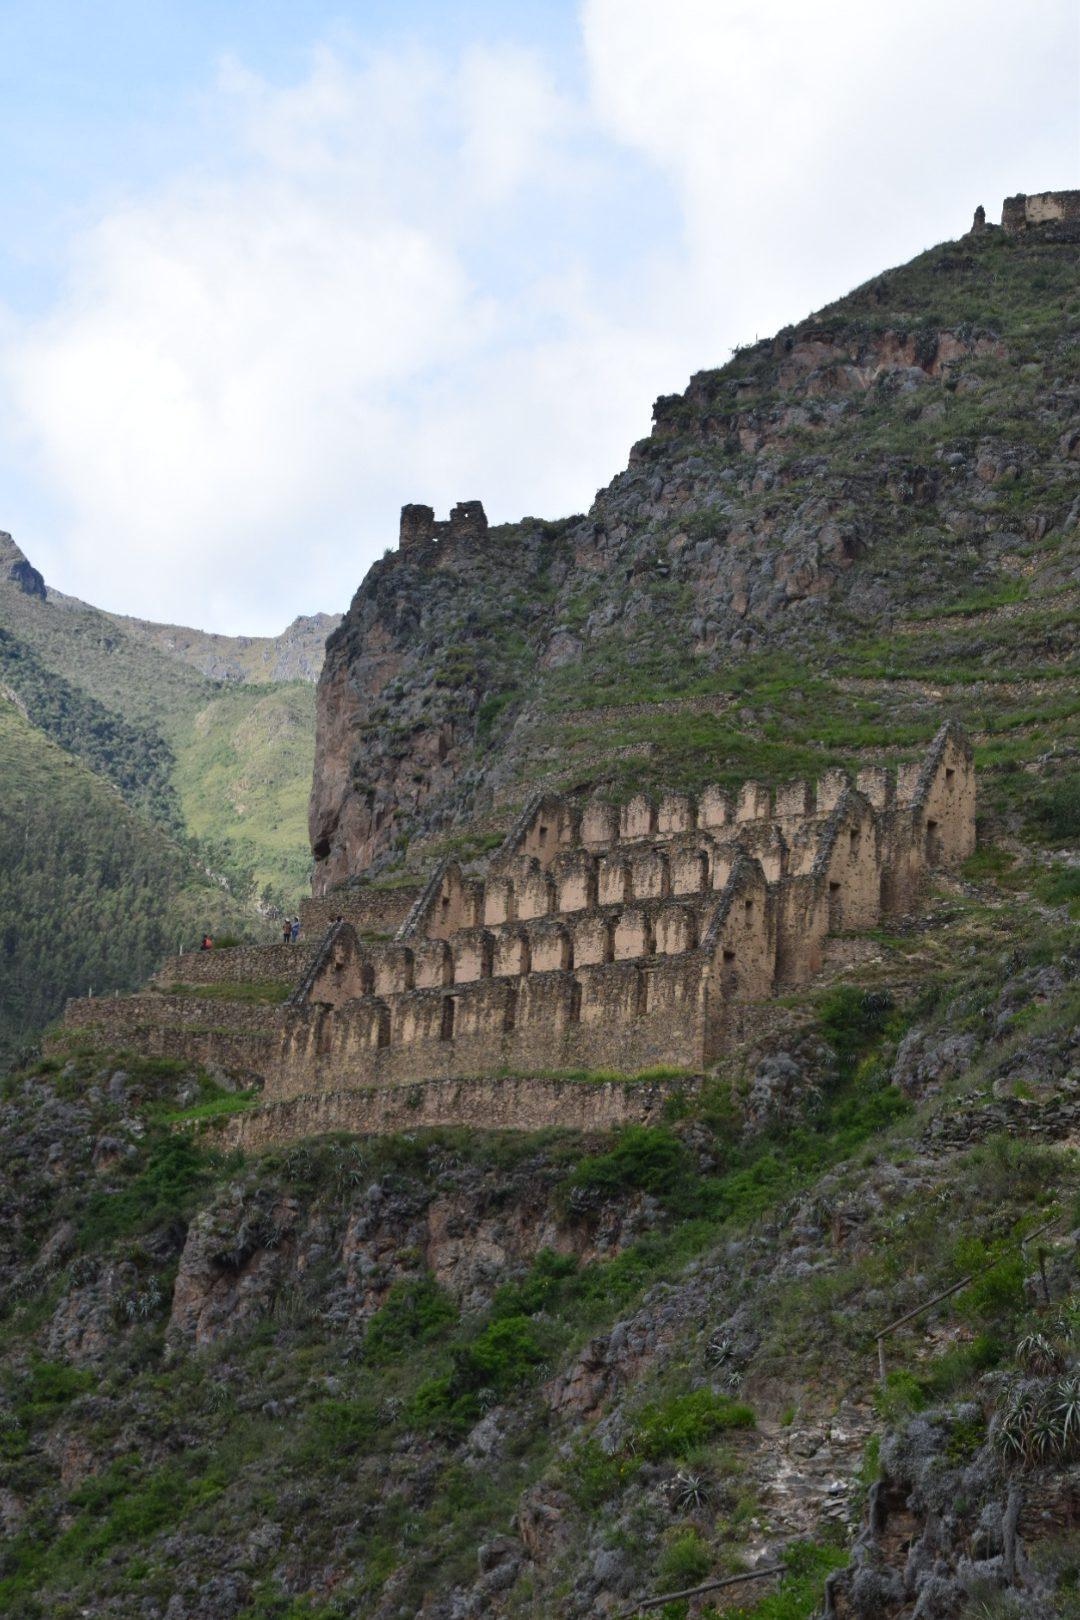 Pinkuylluna - eine archäologische Fundstätte